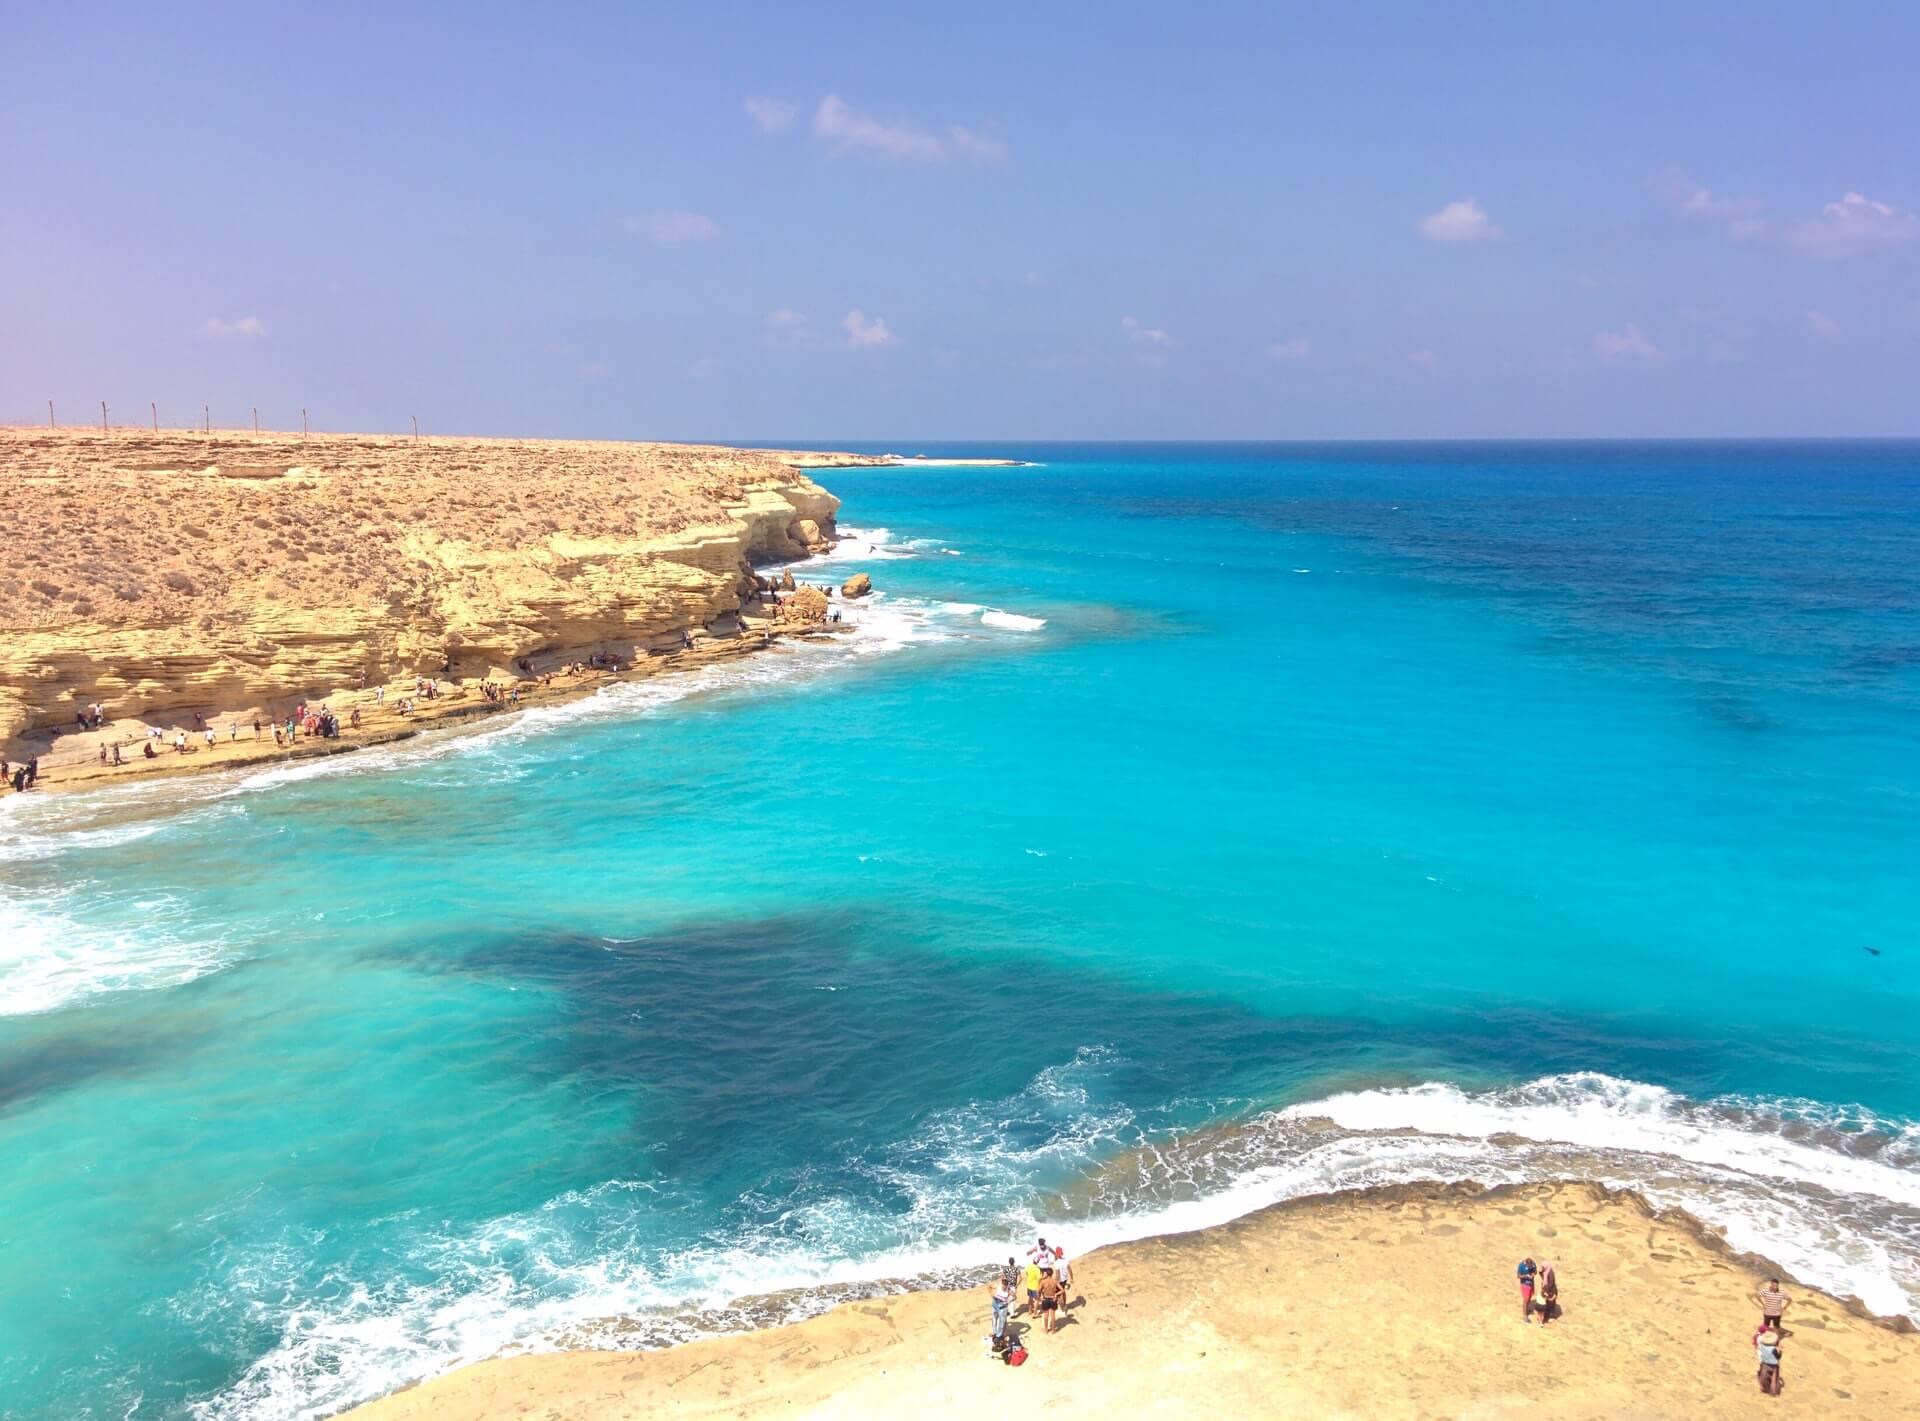 10 часов до пляжа: как сейчас отдыхается в Египте